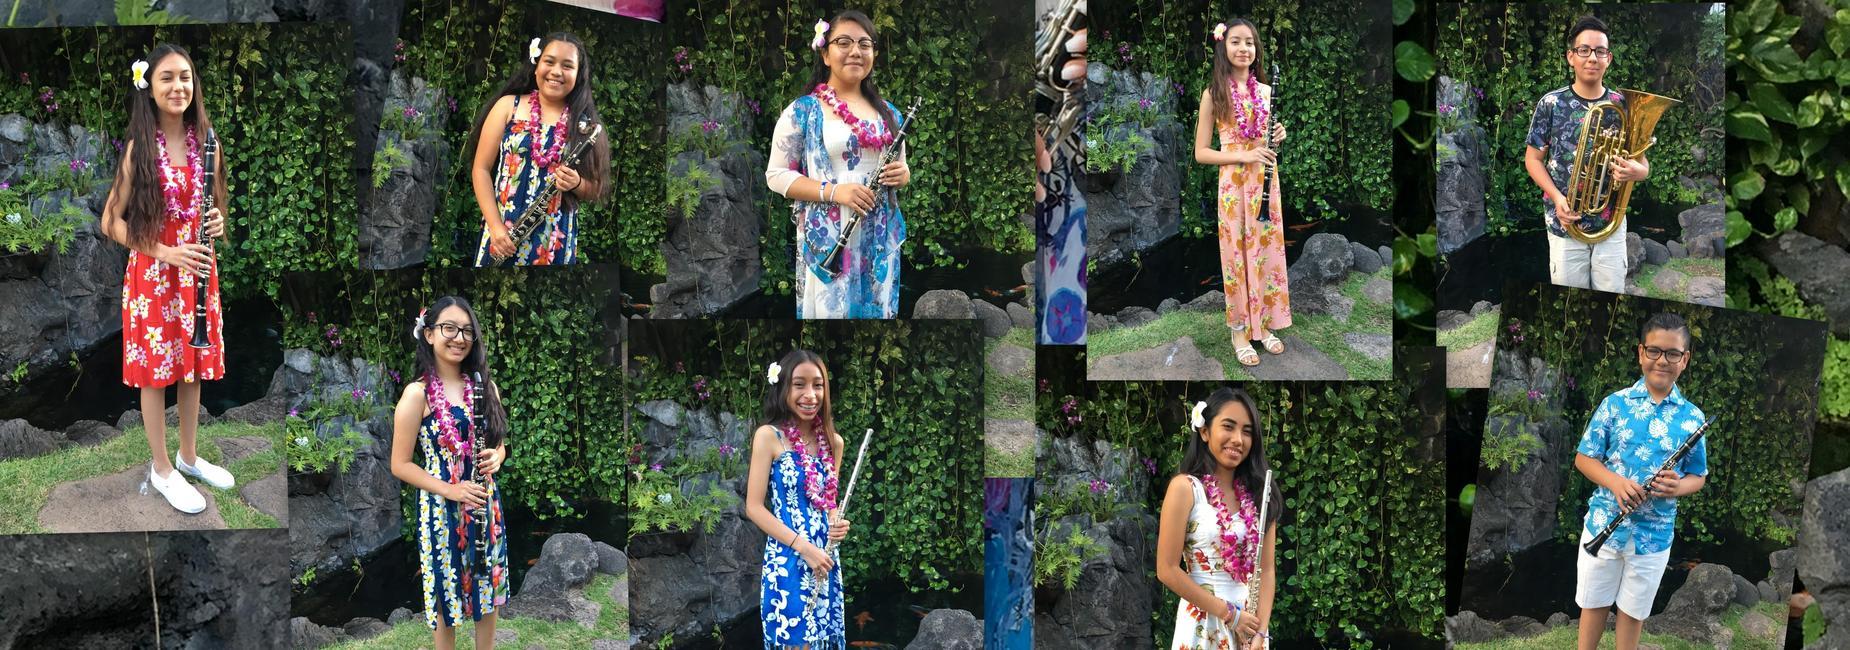 Hawaii Band